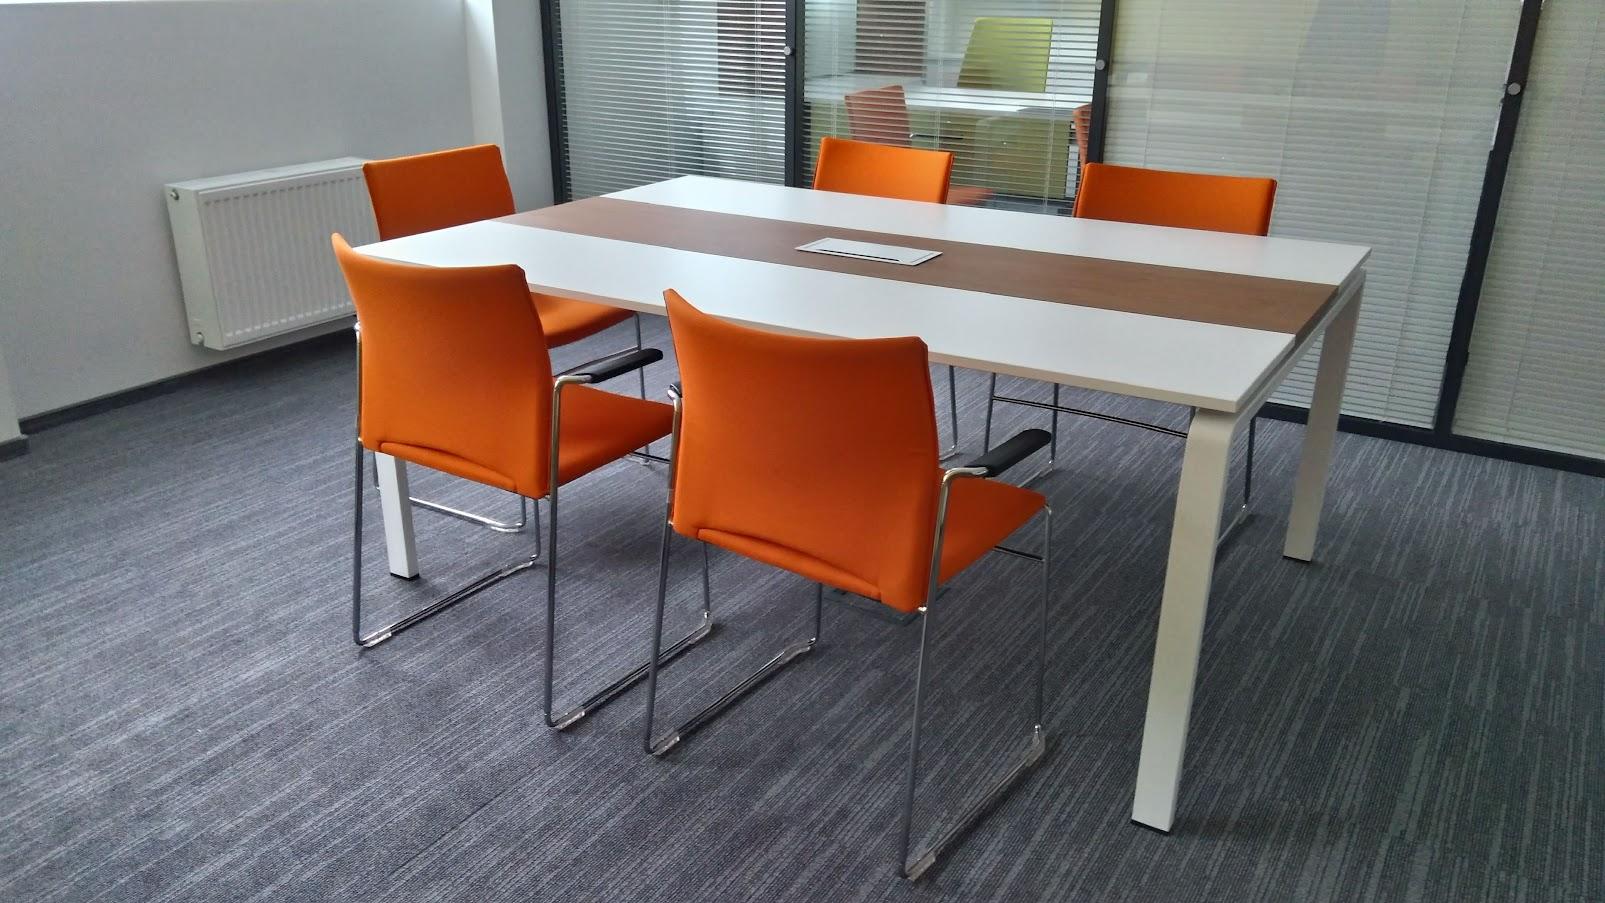 Конференц стол - Модульная офисная мебель, Металлические каркасы столов, Мебельные опоры ✆ 0679245444